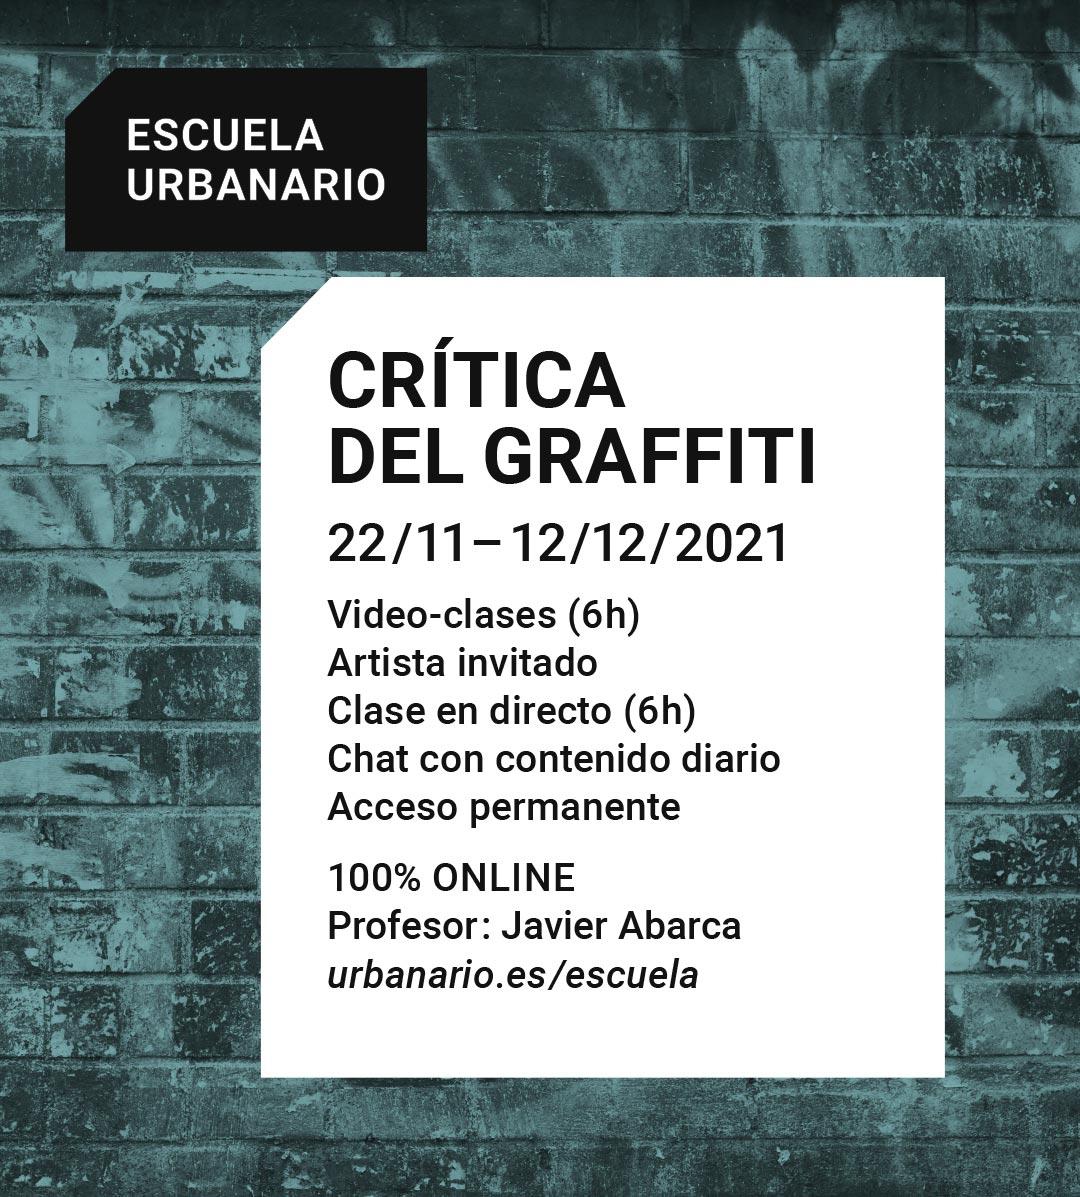 Crítica del graffiti - Escuela Urbanario